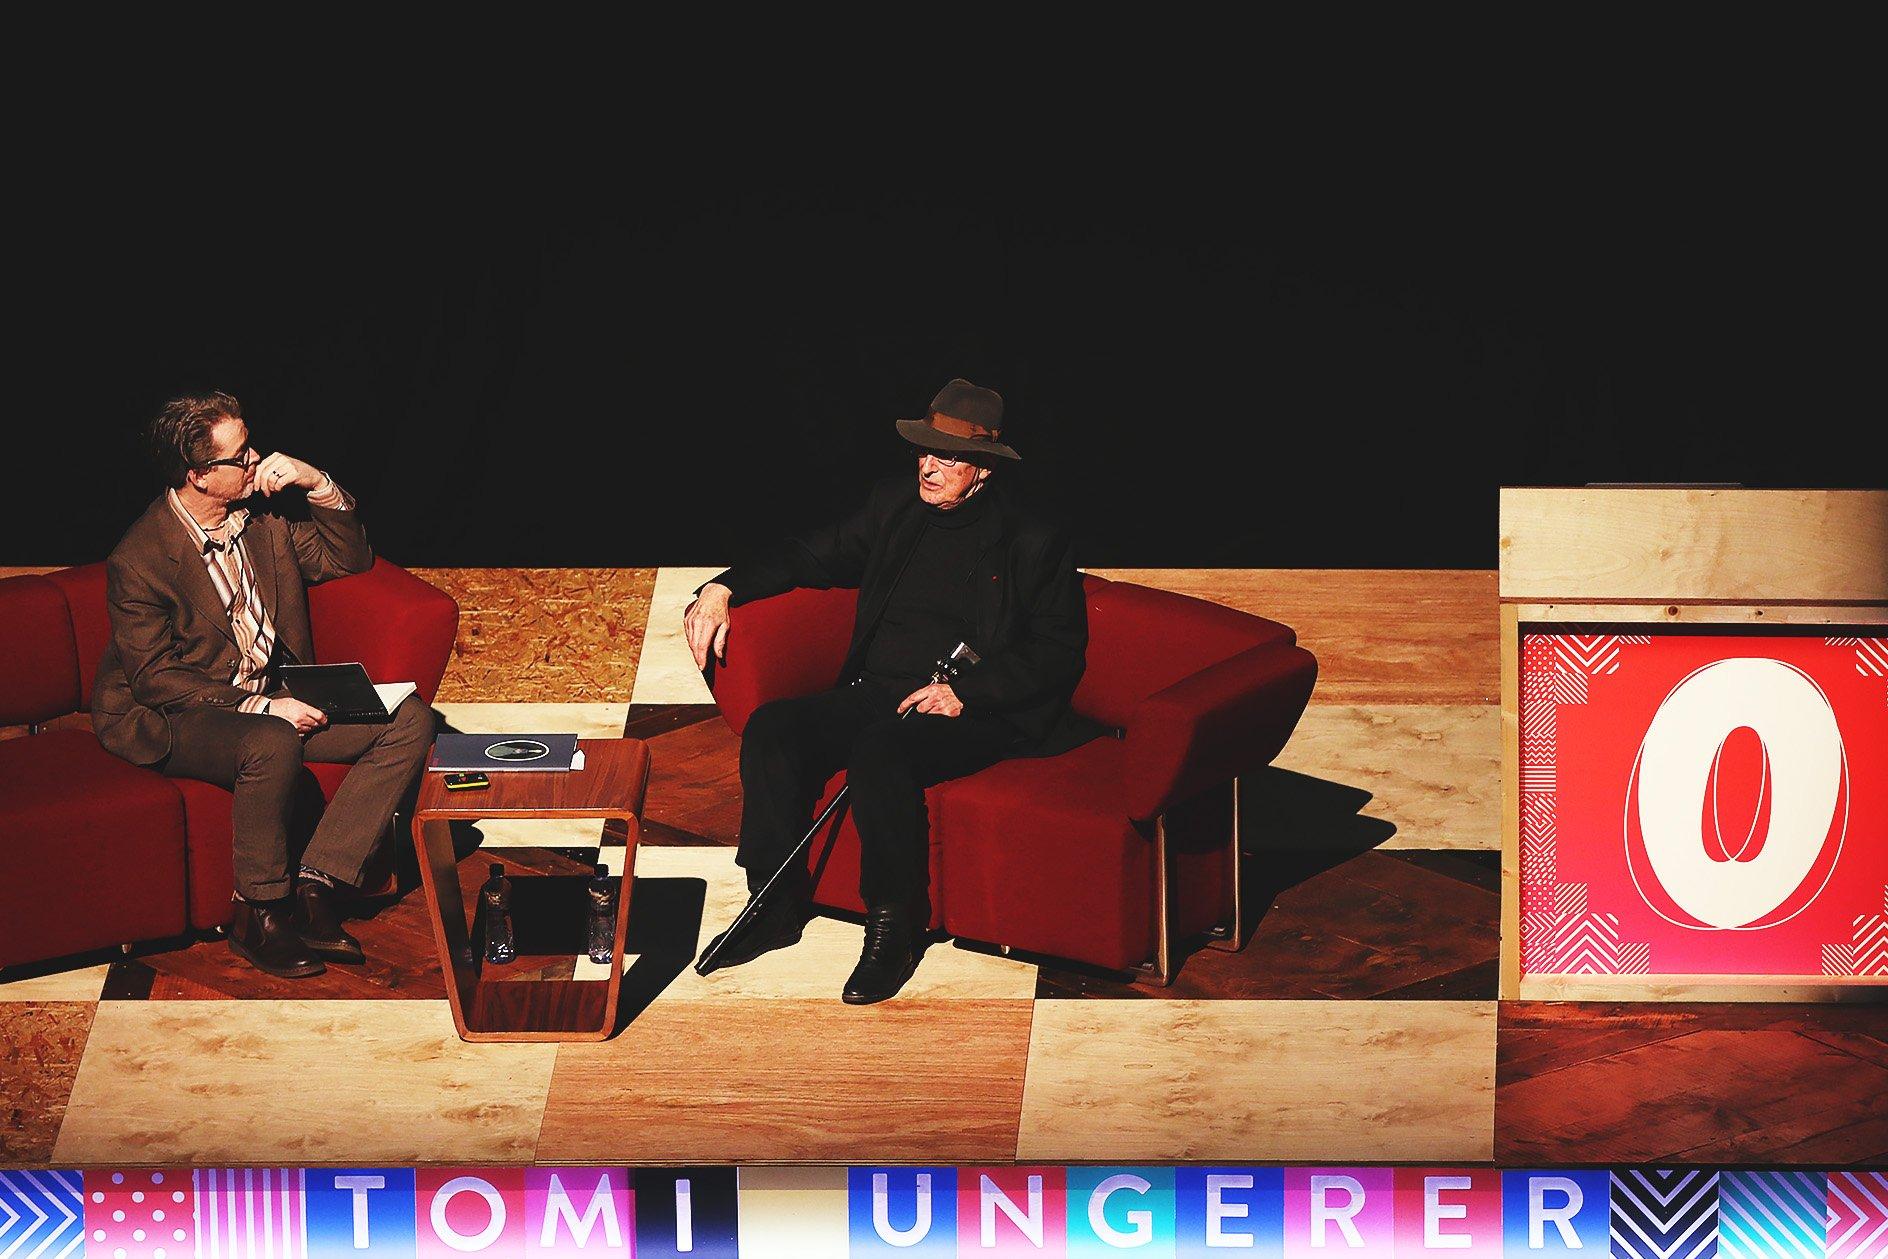 Tomi Ungerer at OFFSET 2015